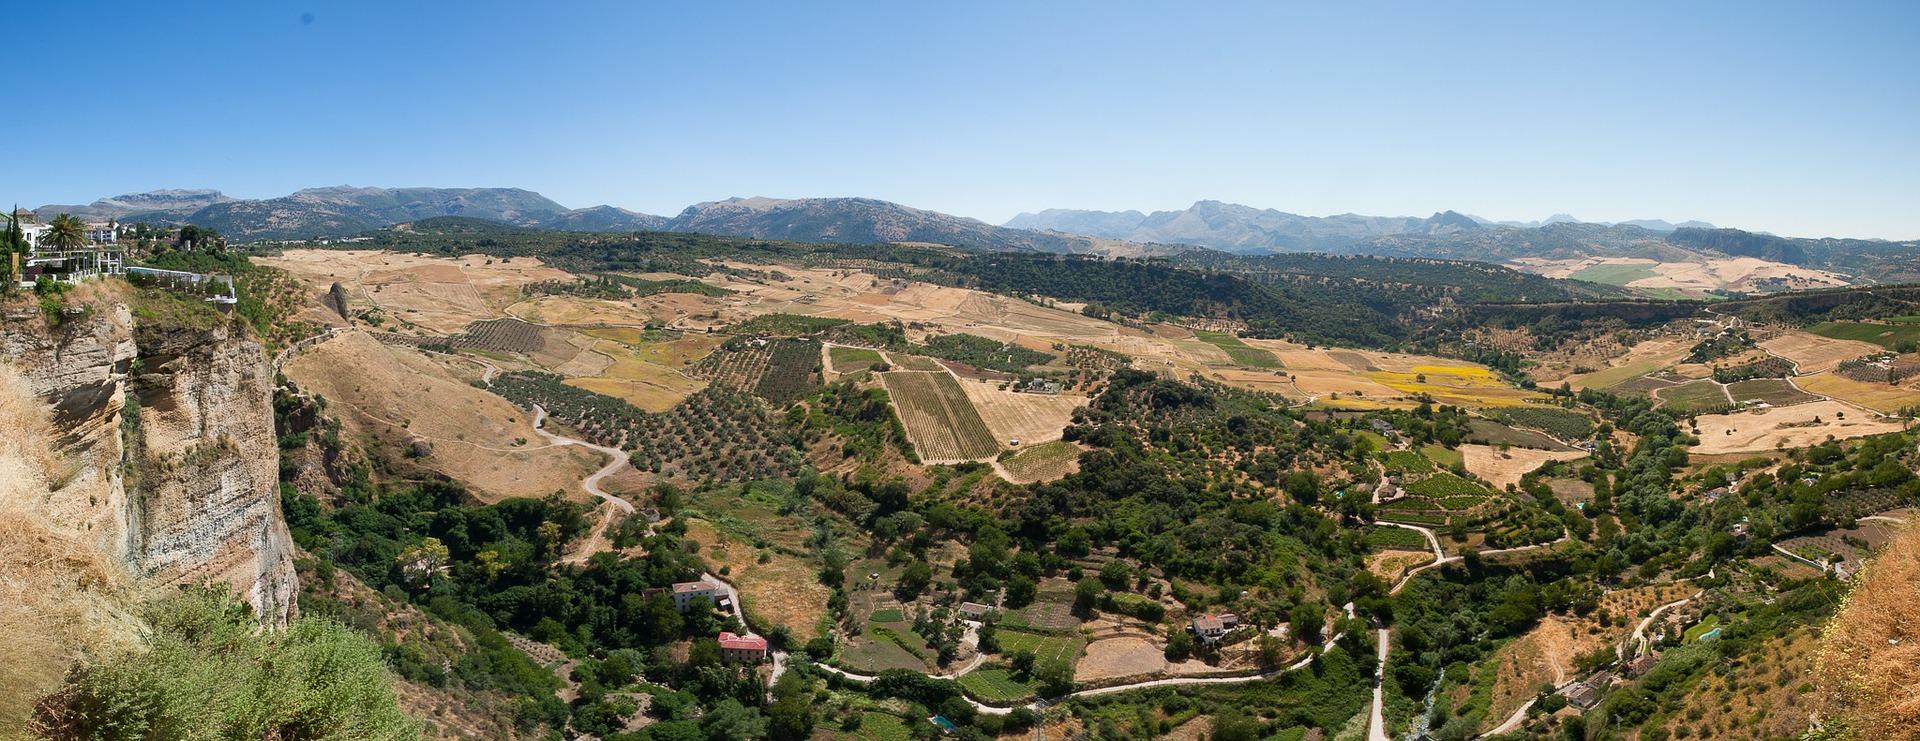 pogled, ronda, španija, andaluzija